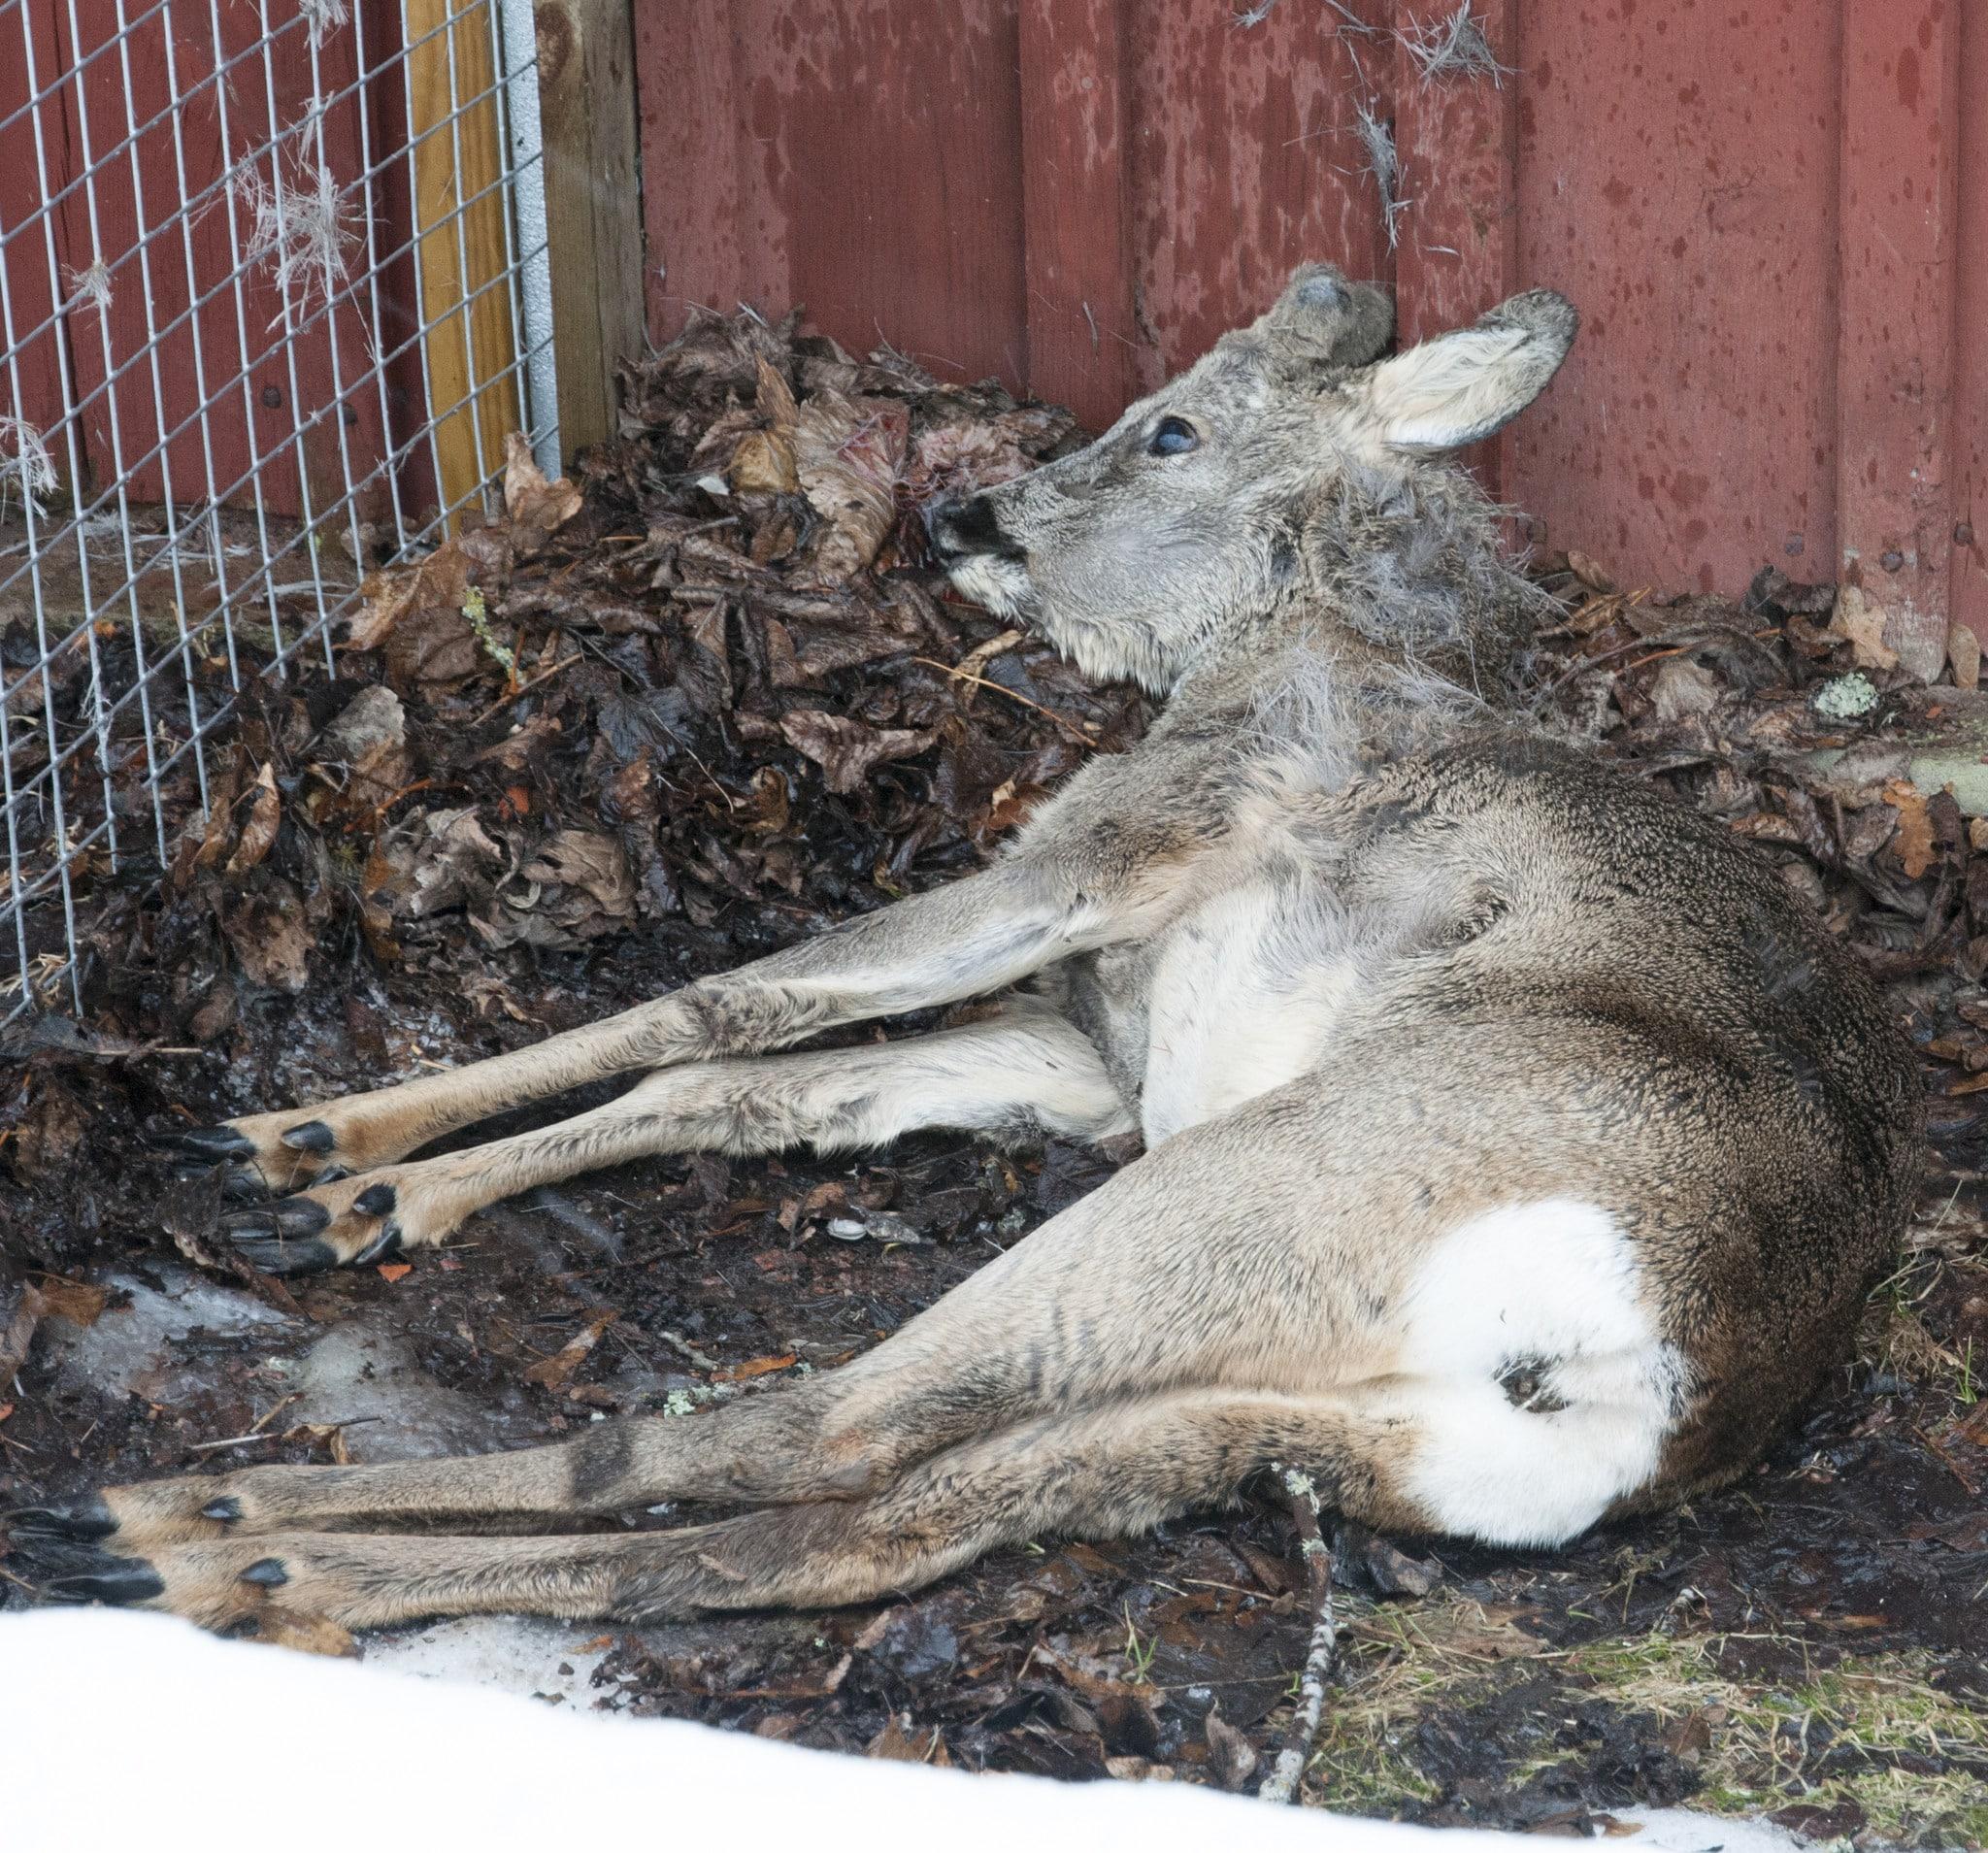 Mängder av rådjur dör av svält om de inte får hjälp under en snörik och lång vinter.